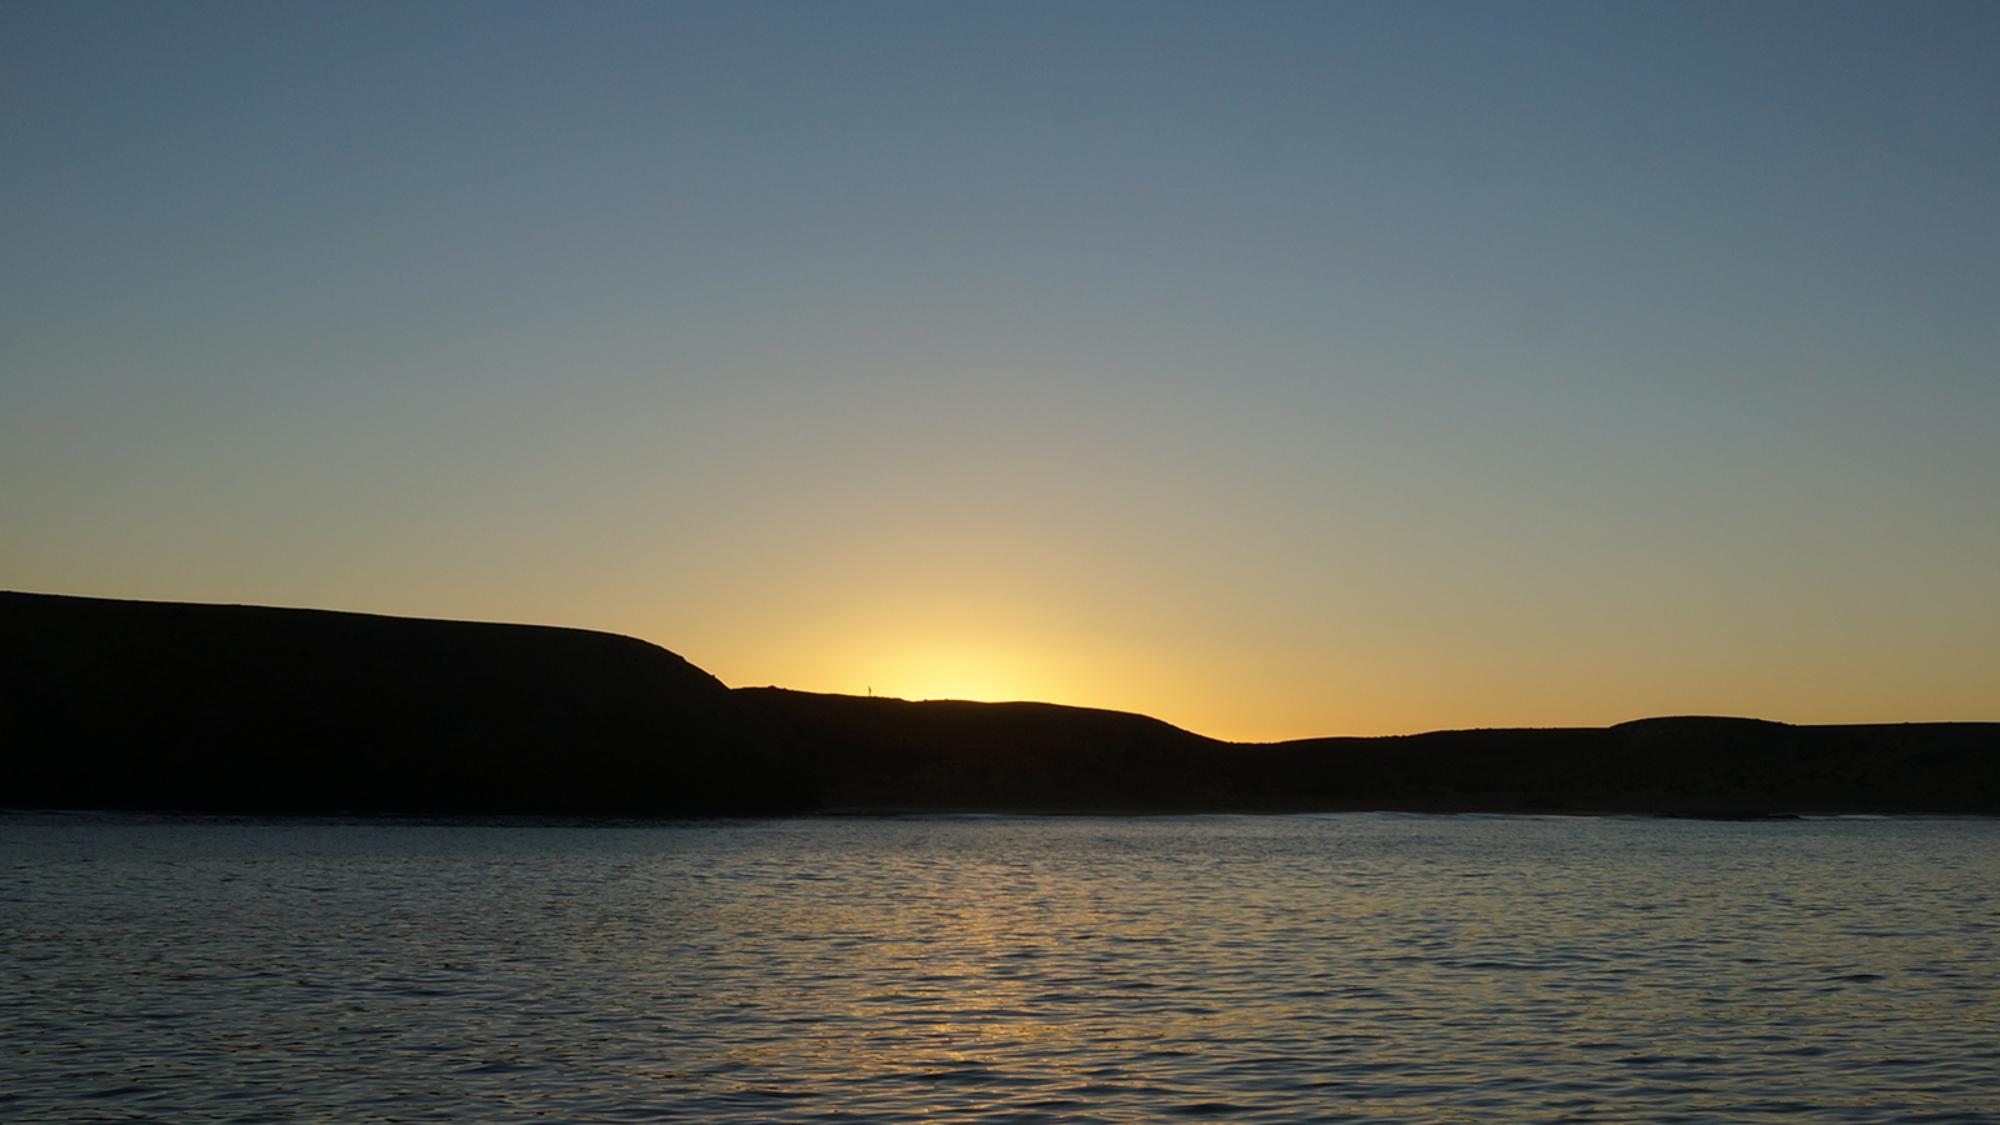 sunrise at Playa Papagayo, Lanzarote